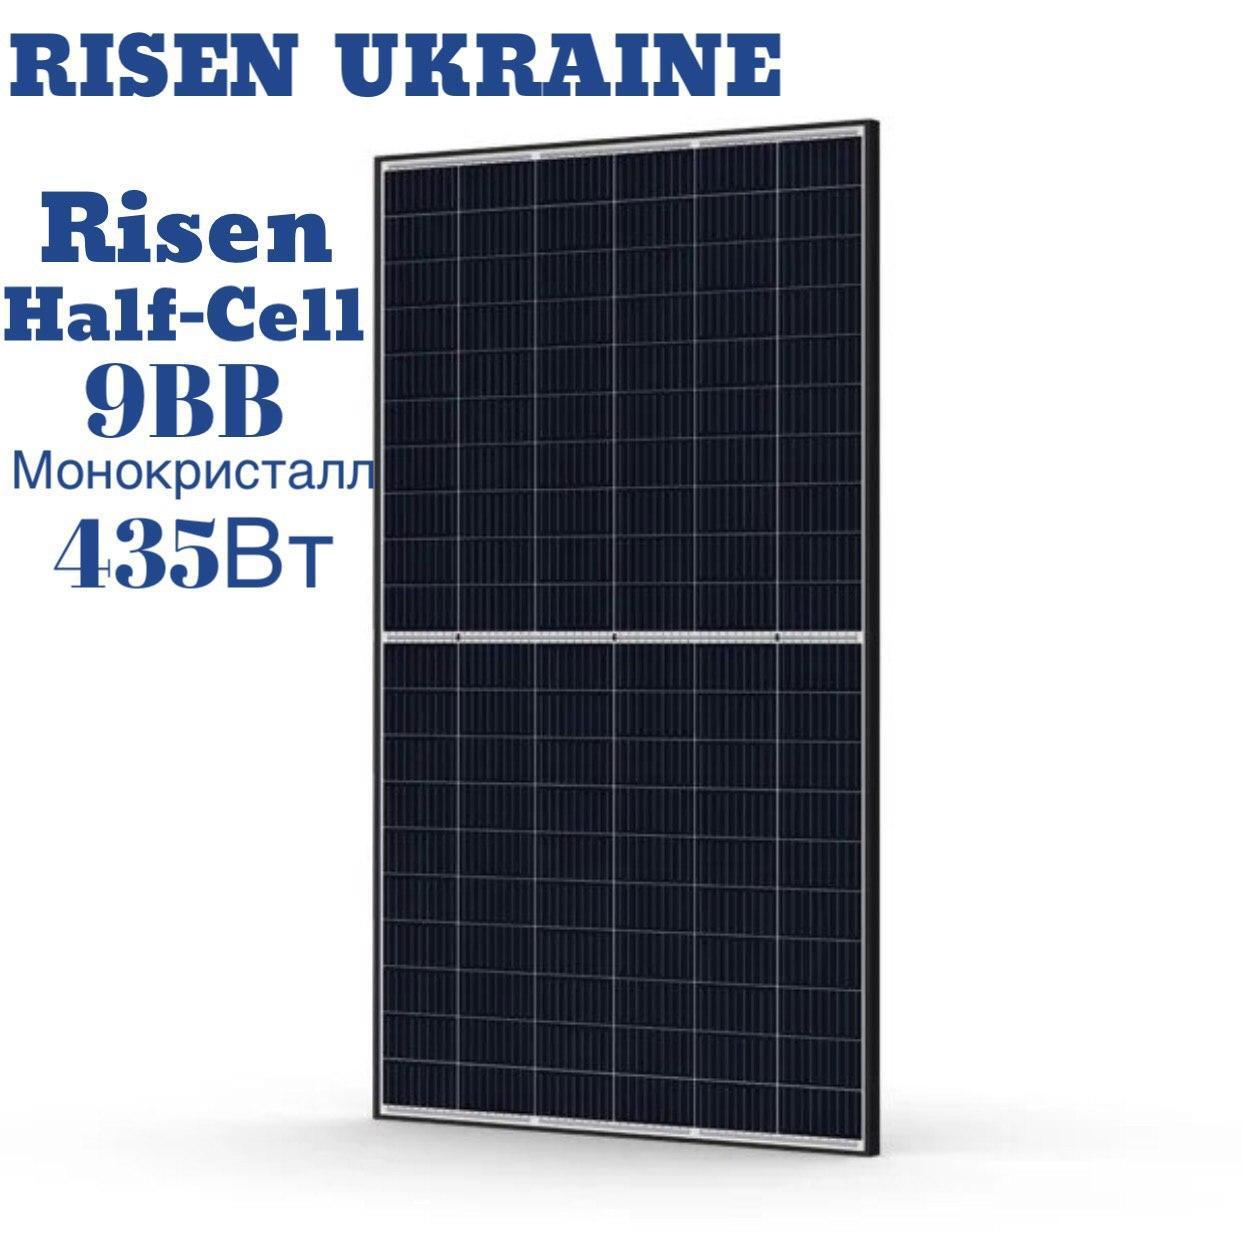 Солнечная панель Risen 435Вт монокристалл RSM144-435M-HS 9bb PR TIER 1